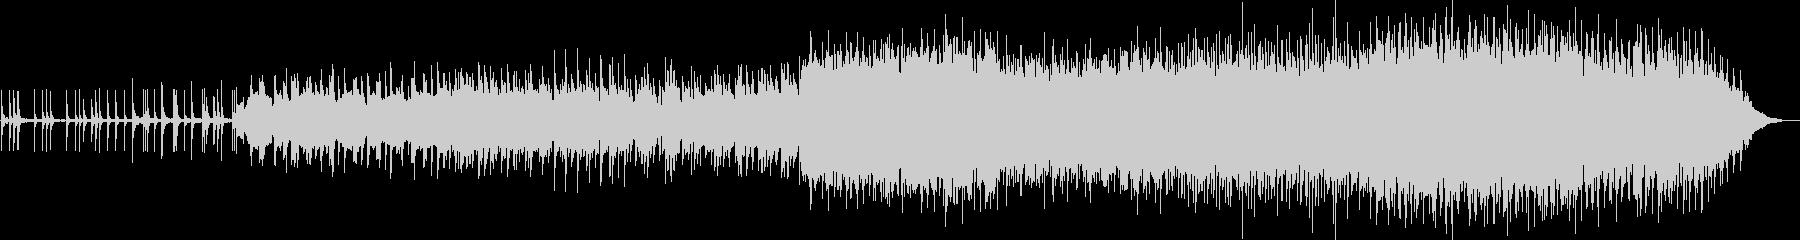 三味線とストリングスの幻想的和風BGMの未再生の波形